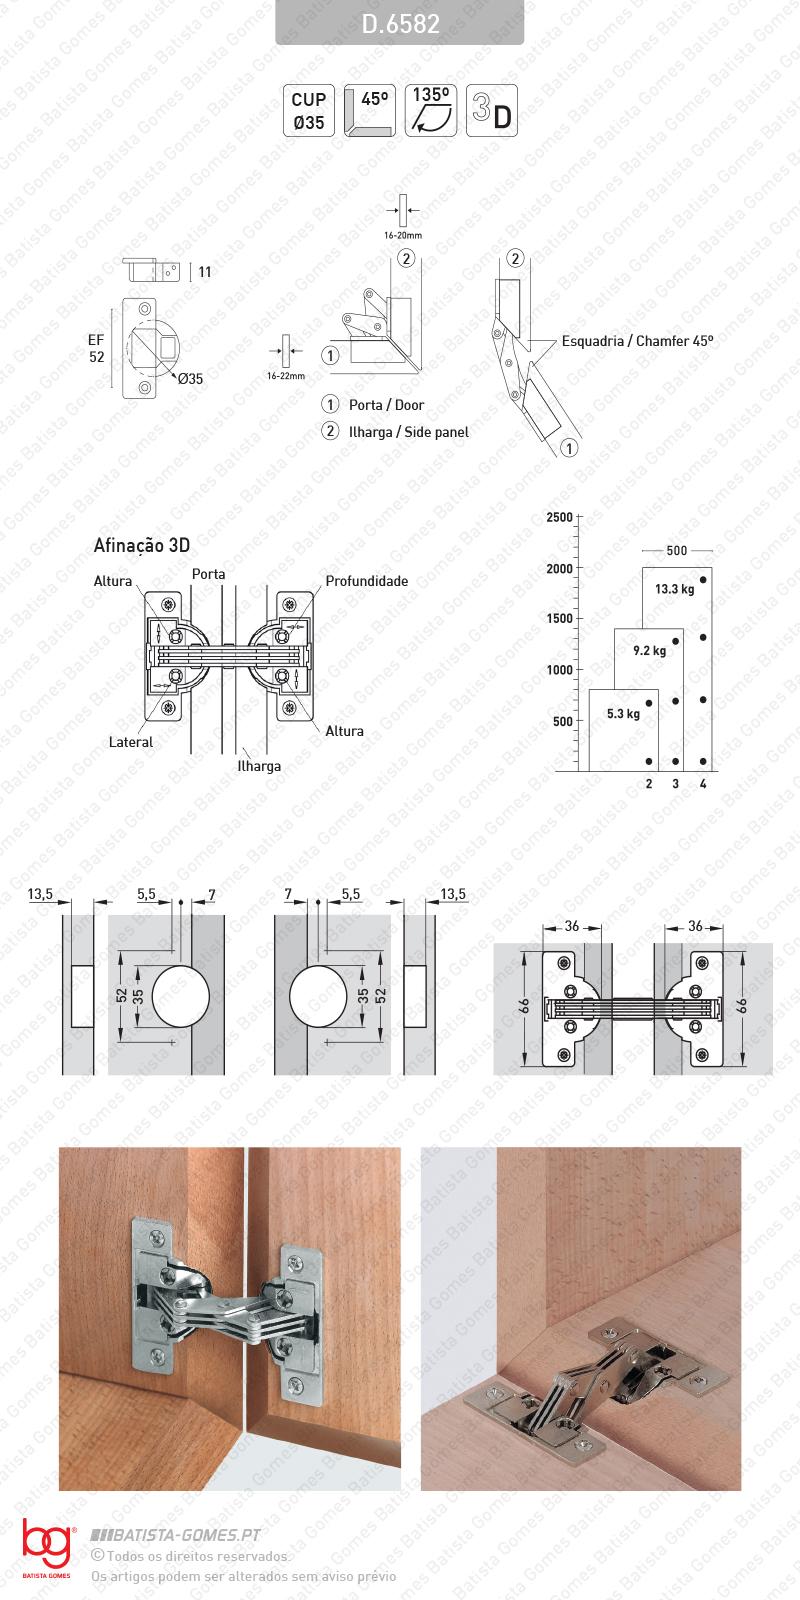 Dobradiça copo para mobiliário para portas com corte em esquadria a 45º